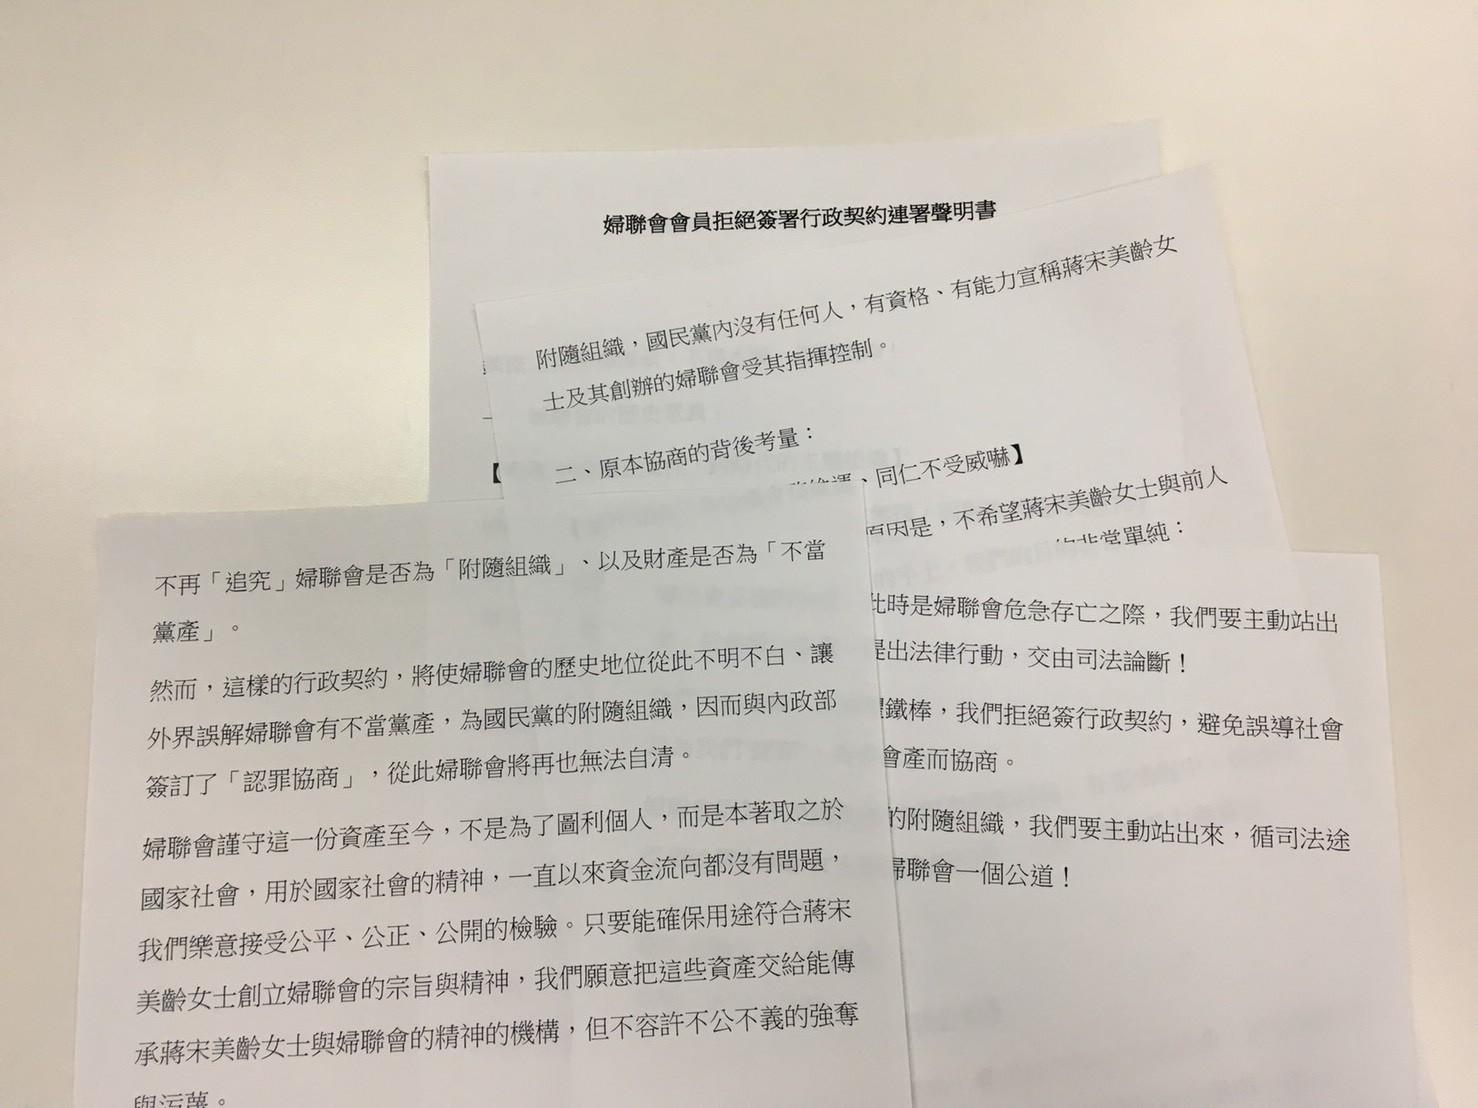 婦聯會會員拒絕簽署行政契約連署...